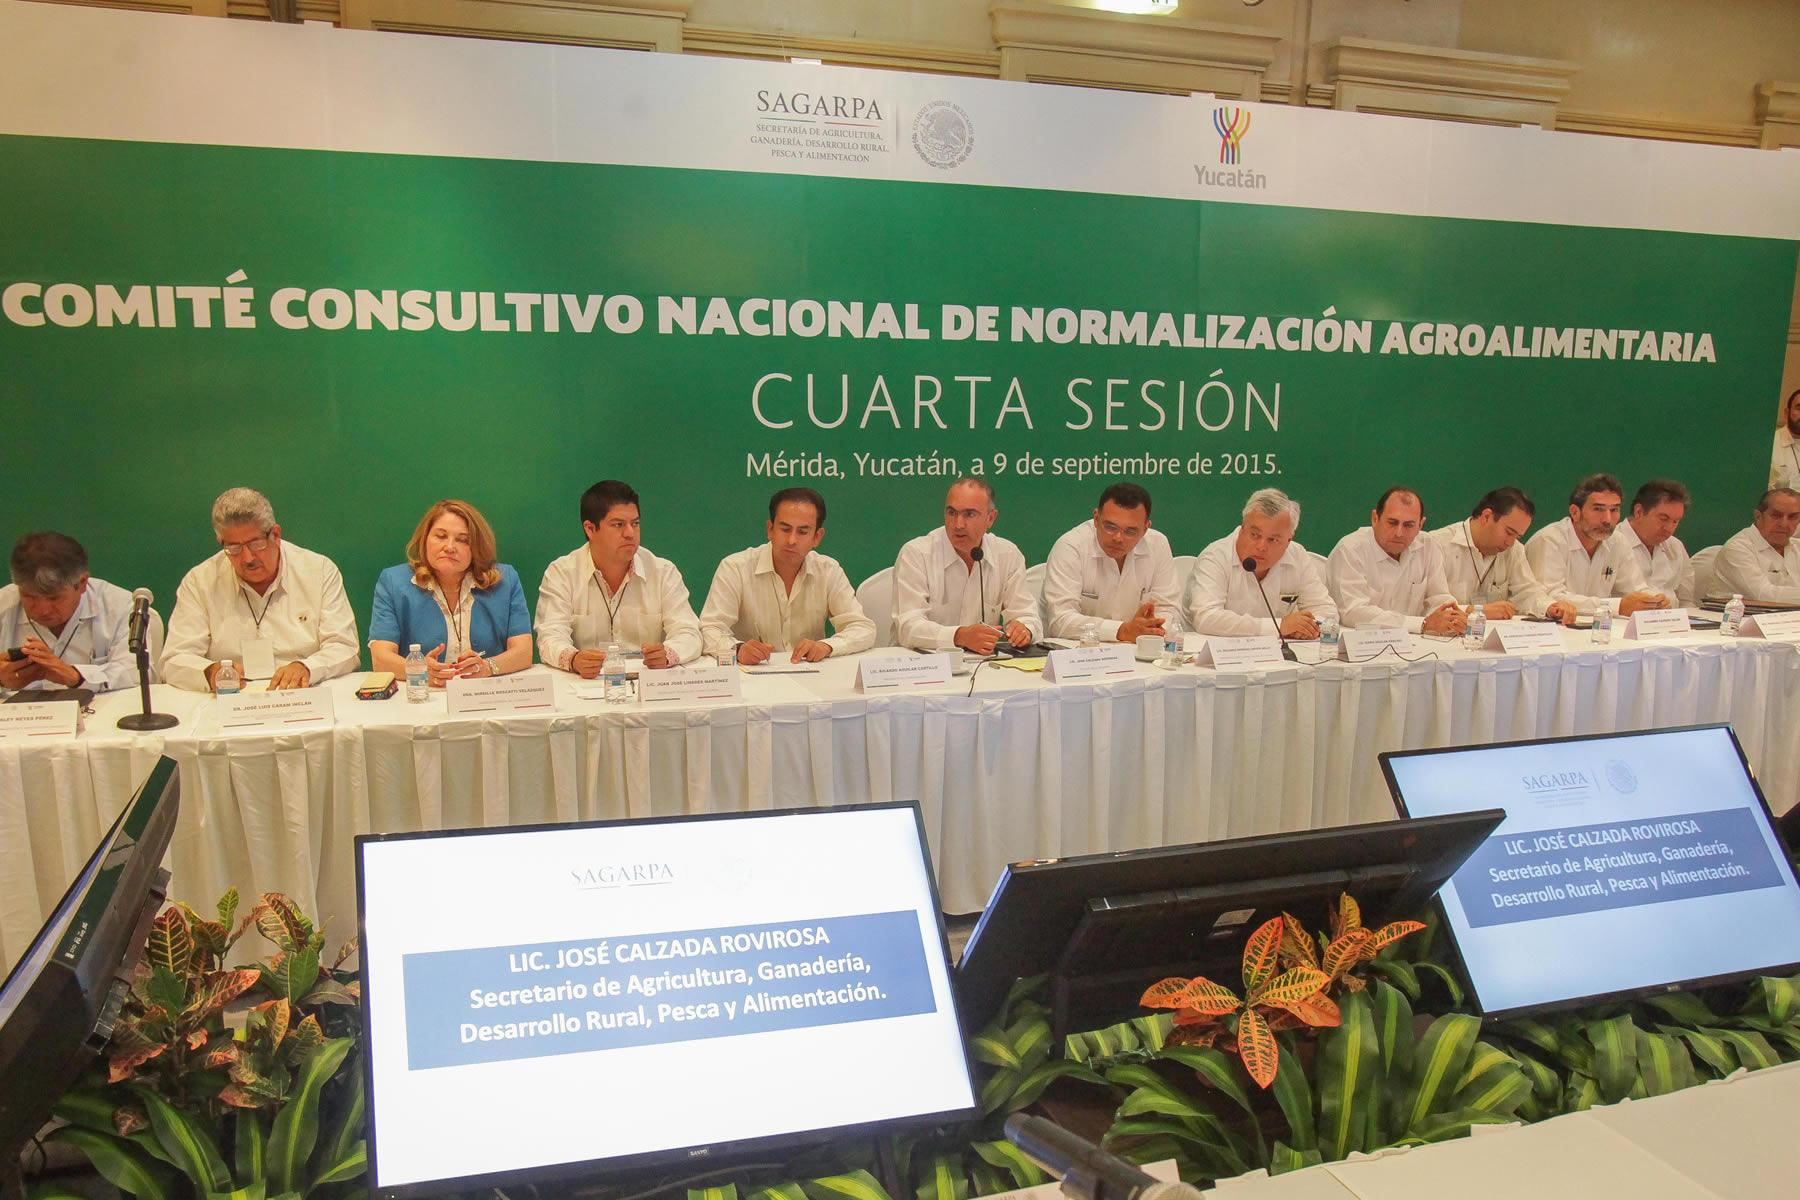 El titular de la SAGARPA, José Calzada Rovirosa, y el gobernador de Yucatán, Rolando Zapata Bello, participaron en la Cuarta Sesión del Comité Consultivo Nacional de Normalización Agroalimentaria.